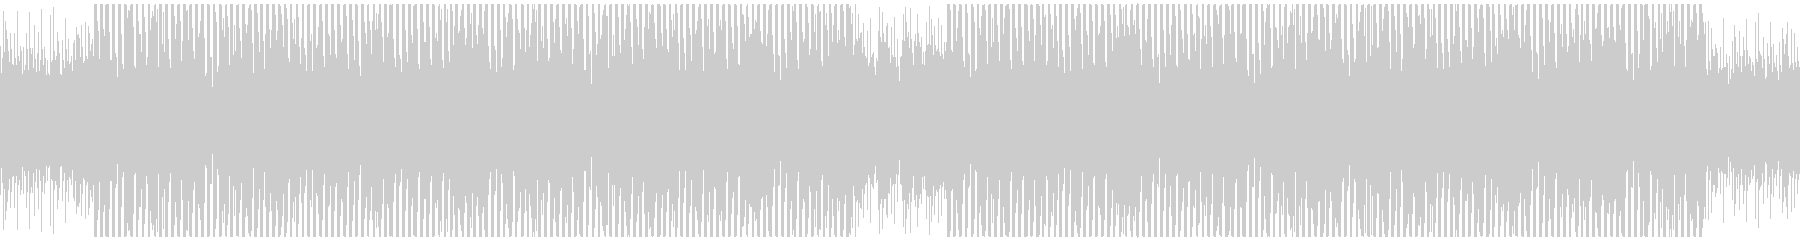 【ループ対応】爽快・軽快なピアノポップの未再生の波形